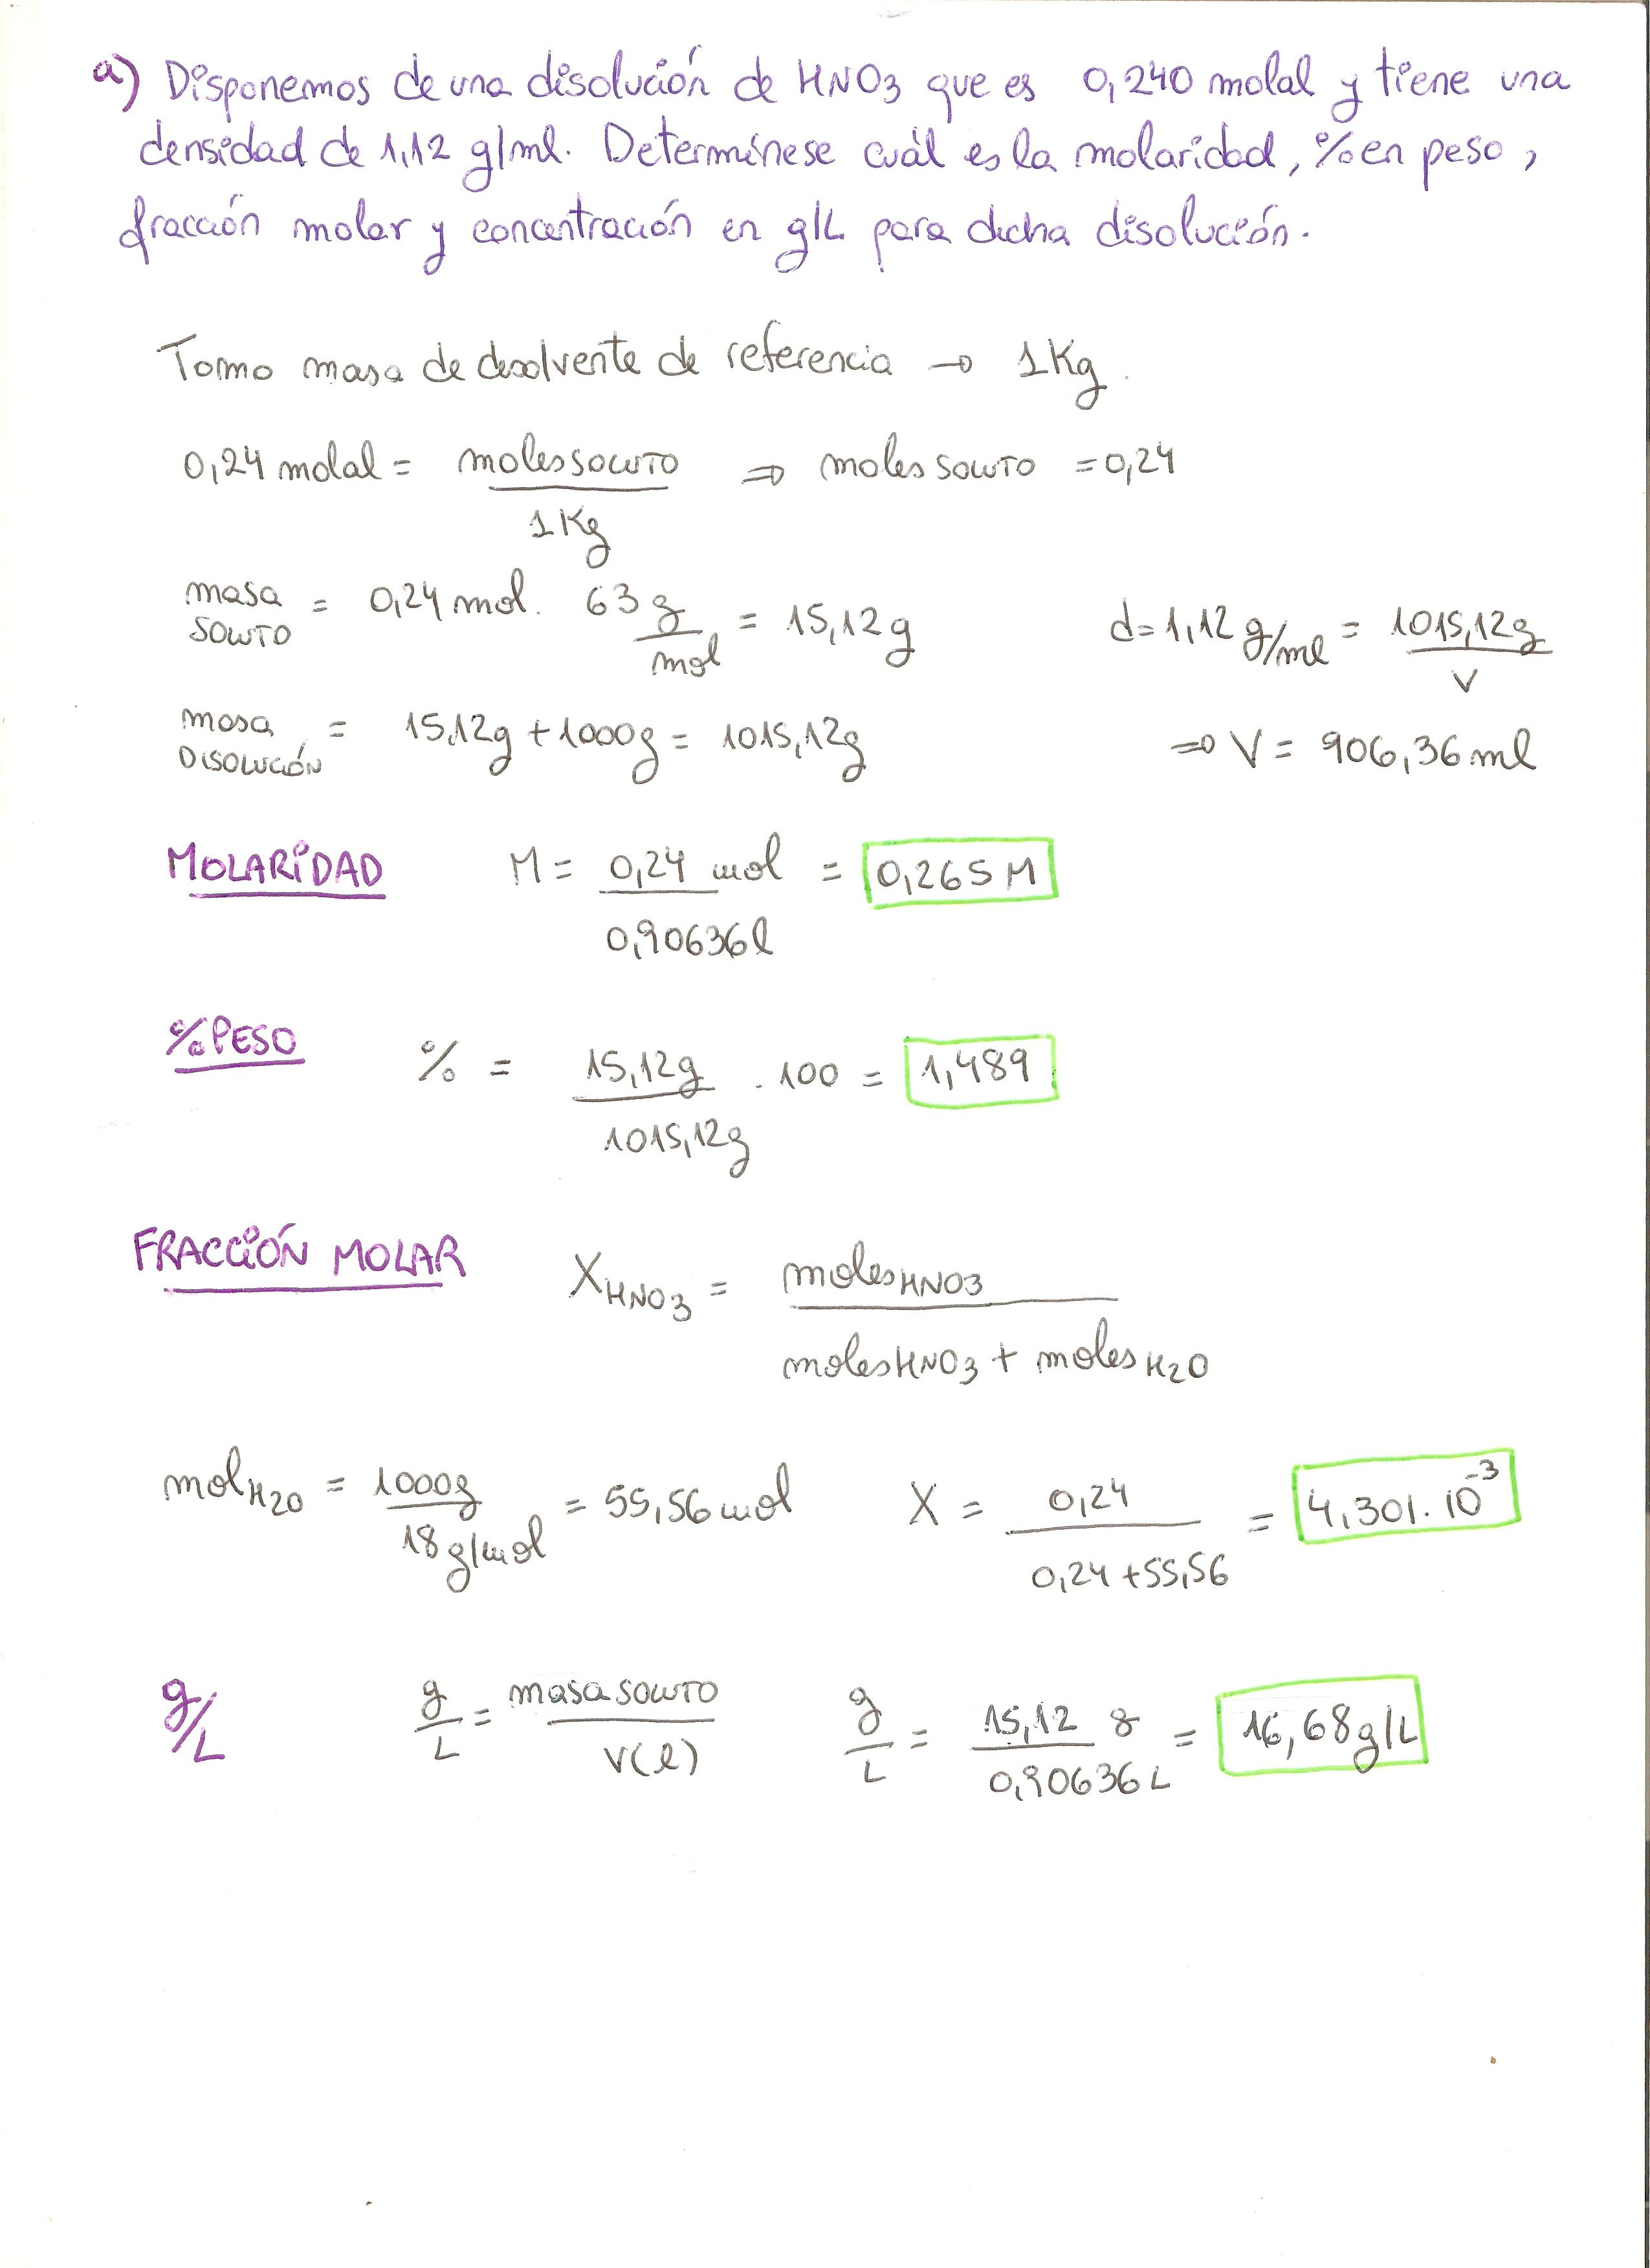 Ejercicio Resuelto De Disoluciones Químicas Molaridad Porcentaje En Peso Fracción Molar Y G L Math Math Equations